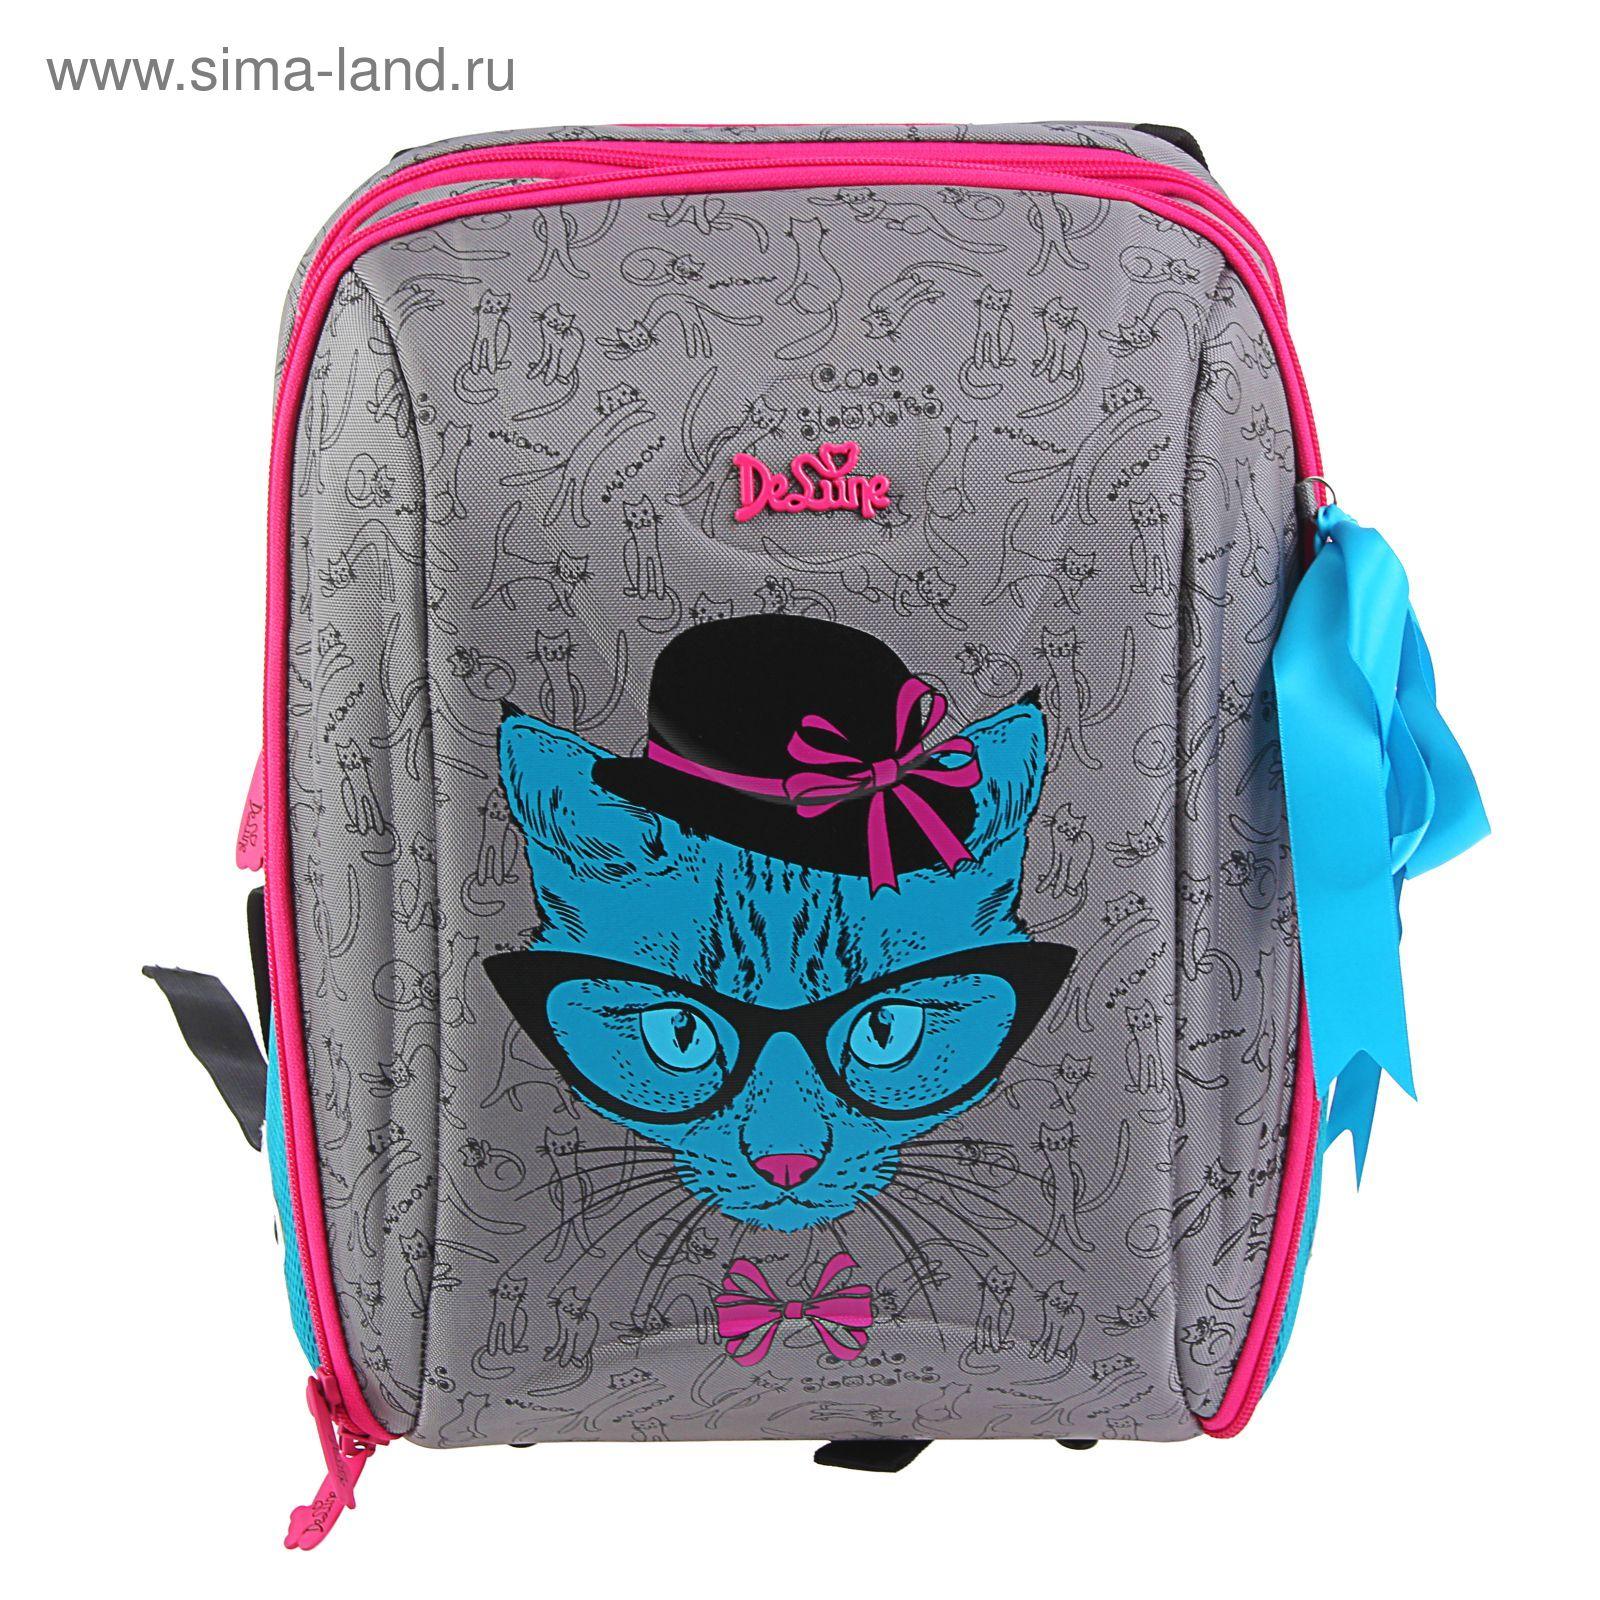 b669b3c7ad71 Рюкзак каркасный De Lune 37*29*20, мешок, эргономичная спинка, для девочки,